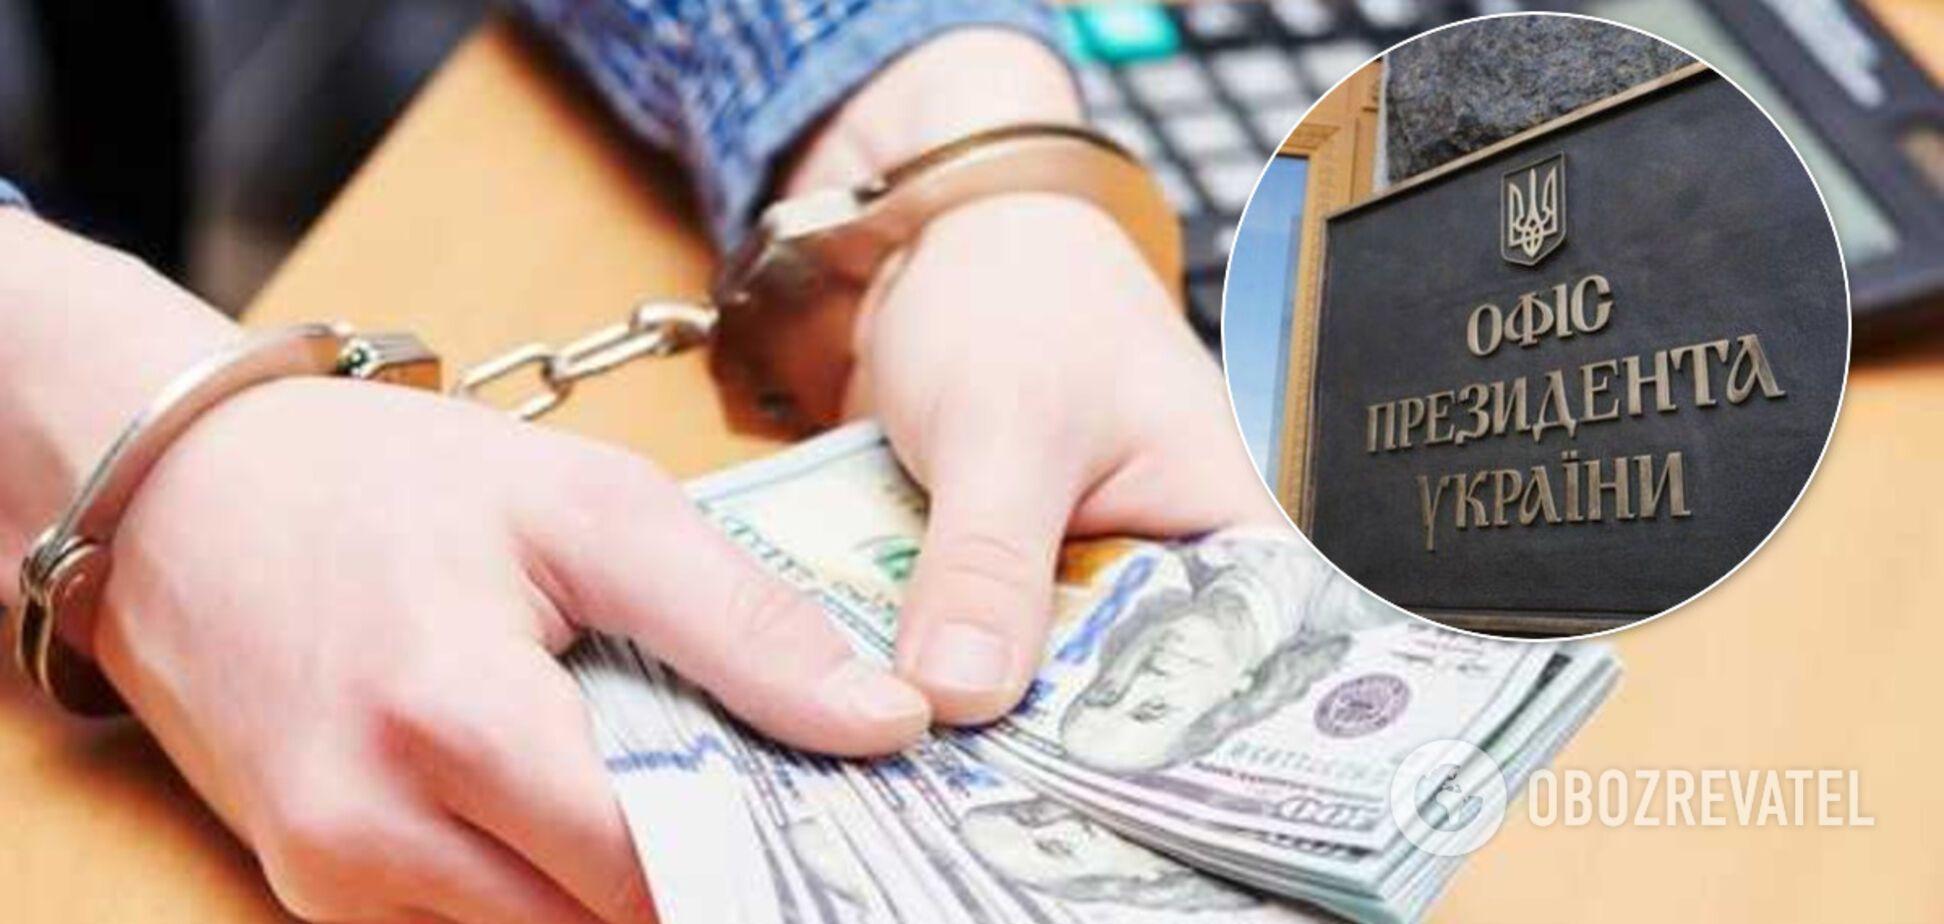 У Києві на хабарі в $25 тисяч взяли чоловіка зі 'зв'язками' в Офісі президента